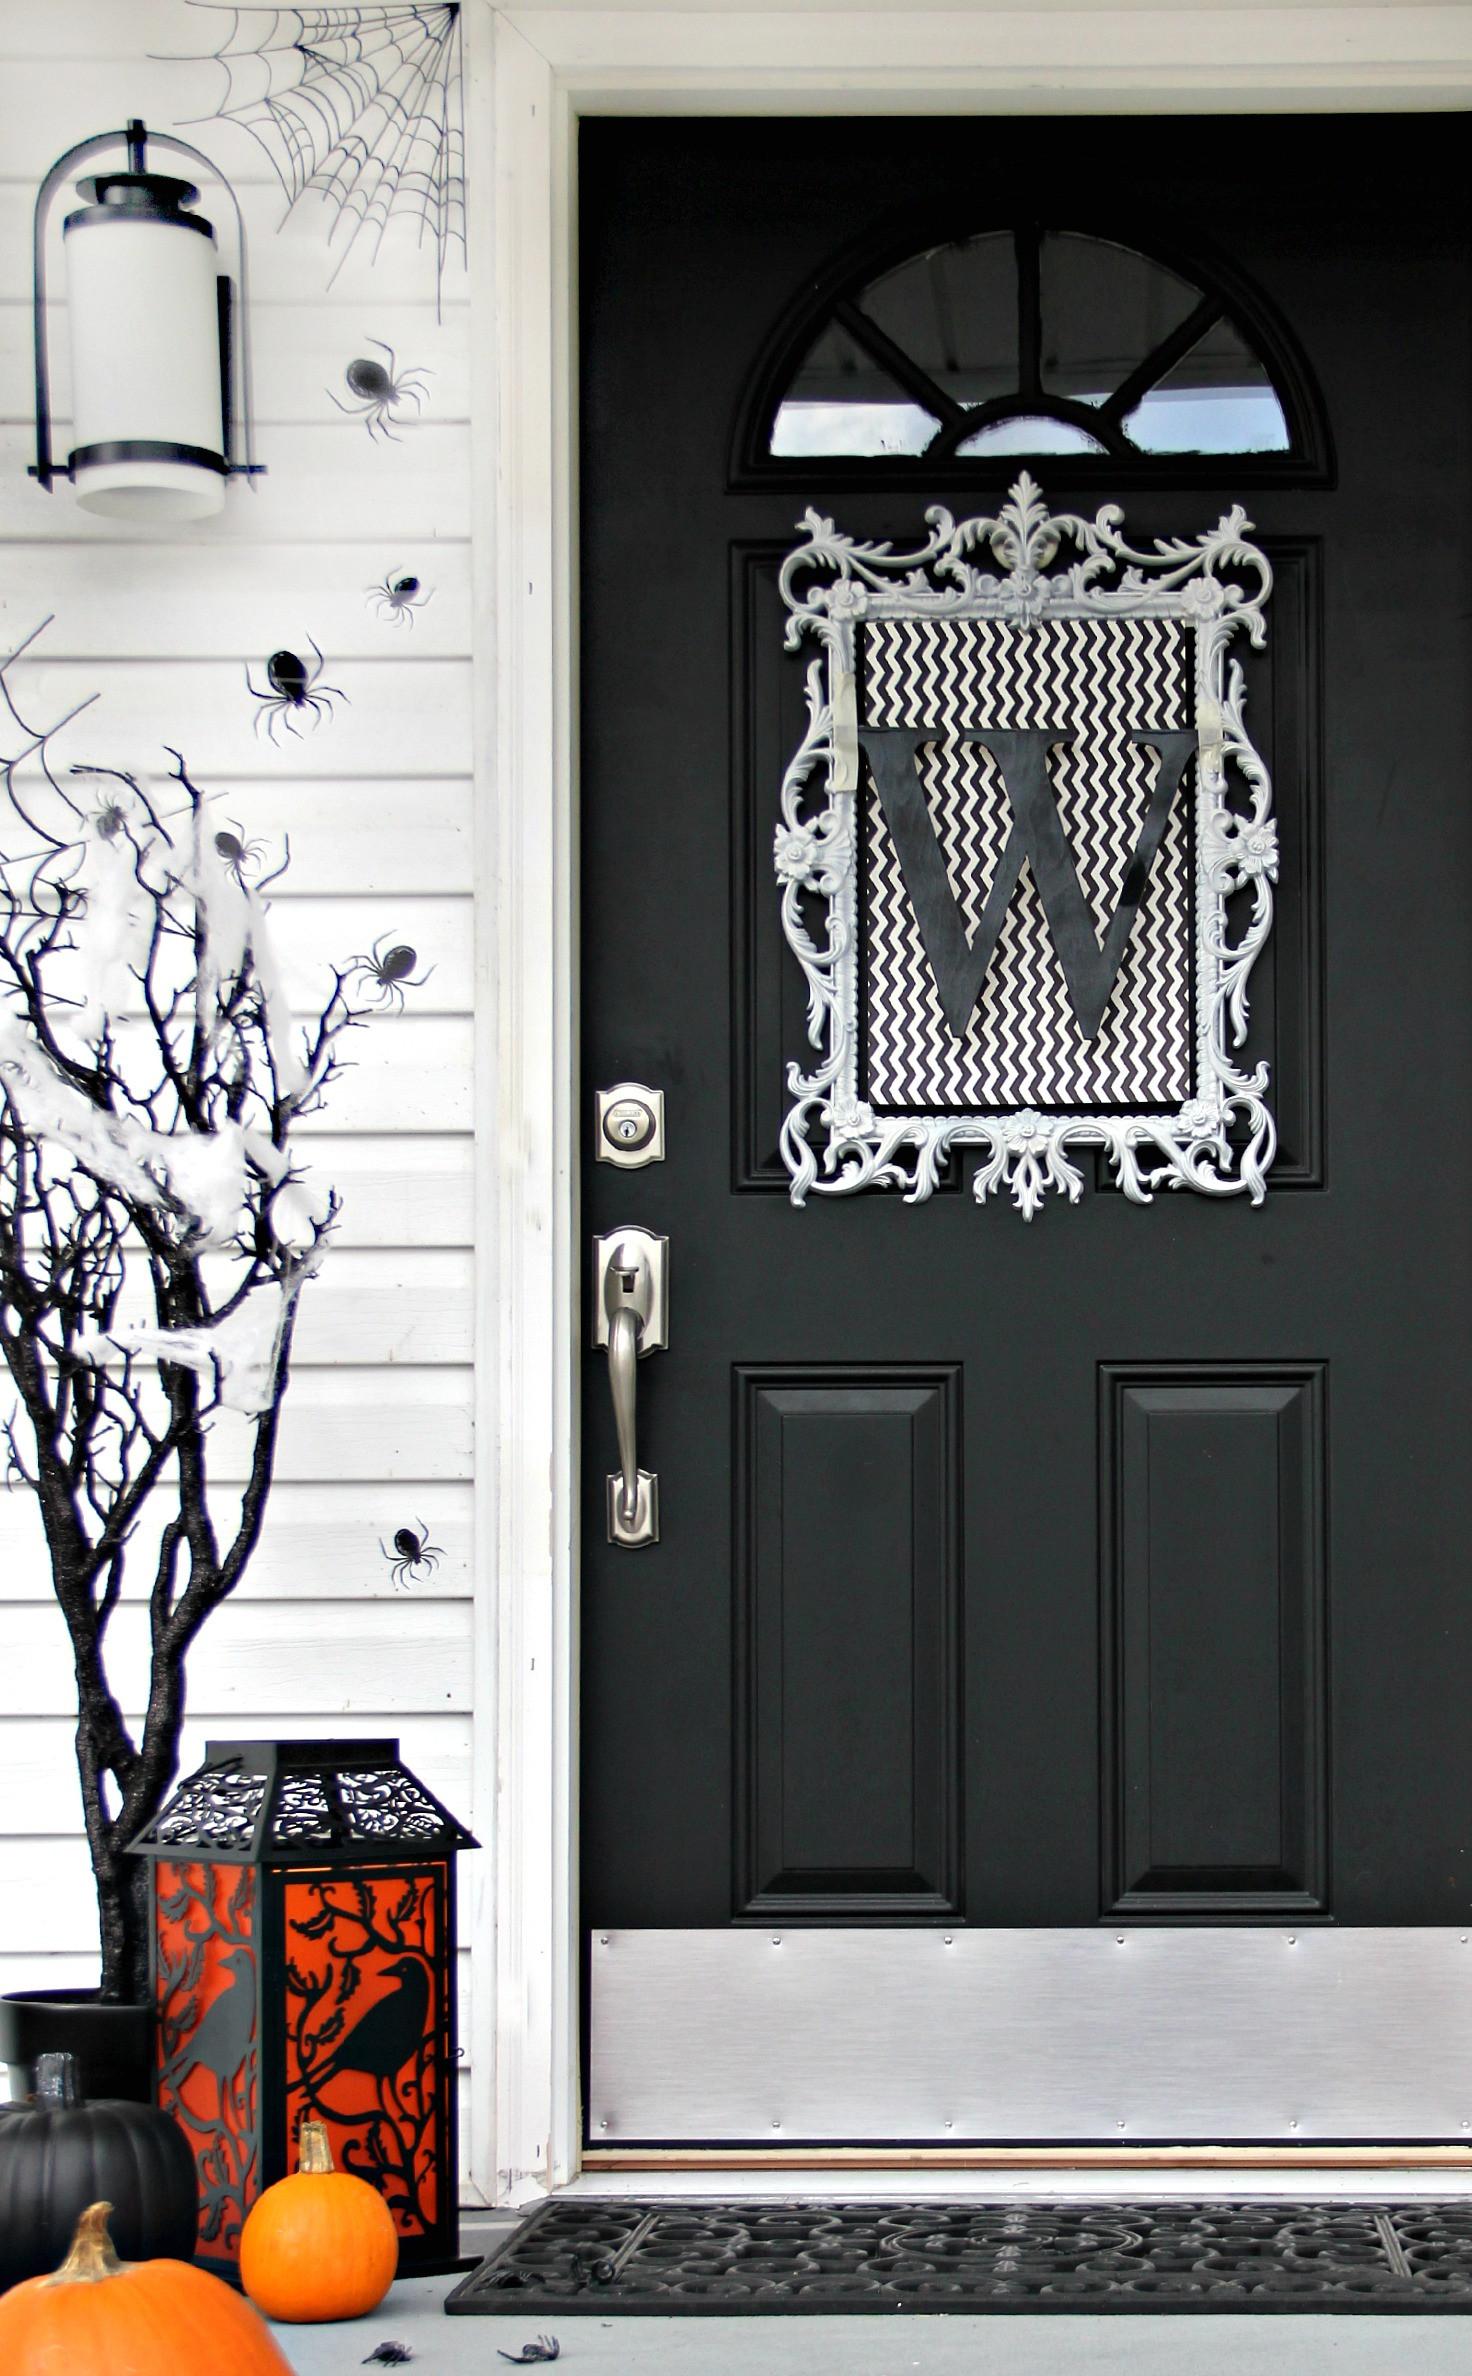 Door ornament Ideas Four Ideas for Inexpensive Halloween Door Decorations